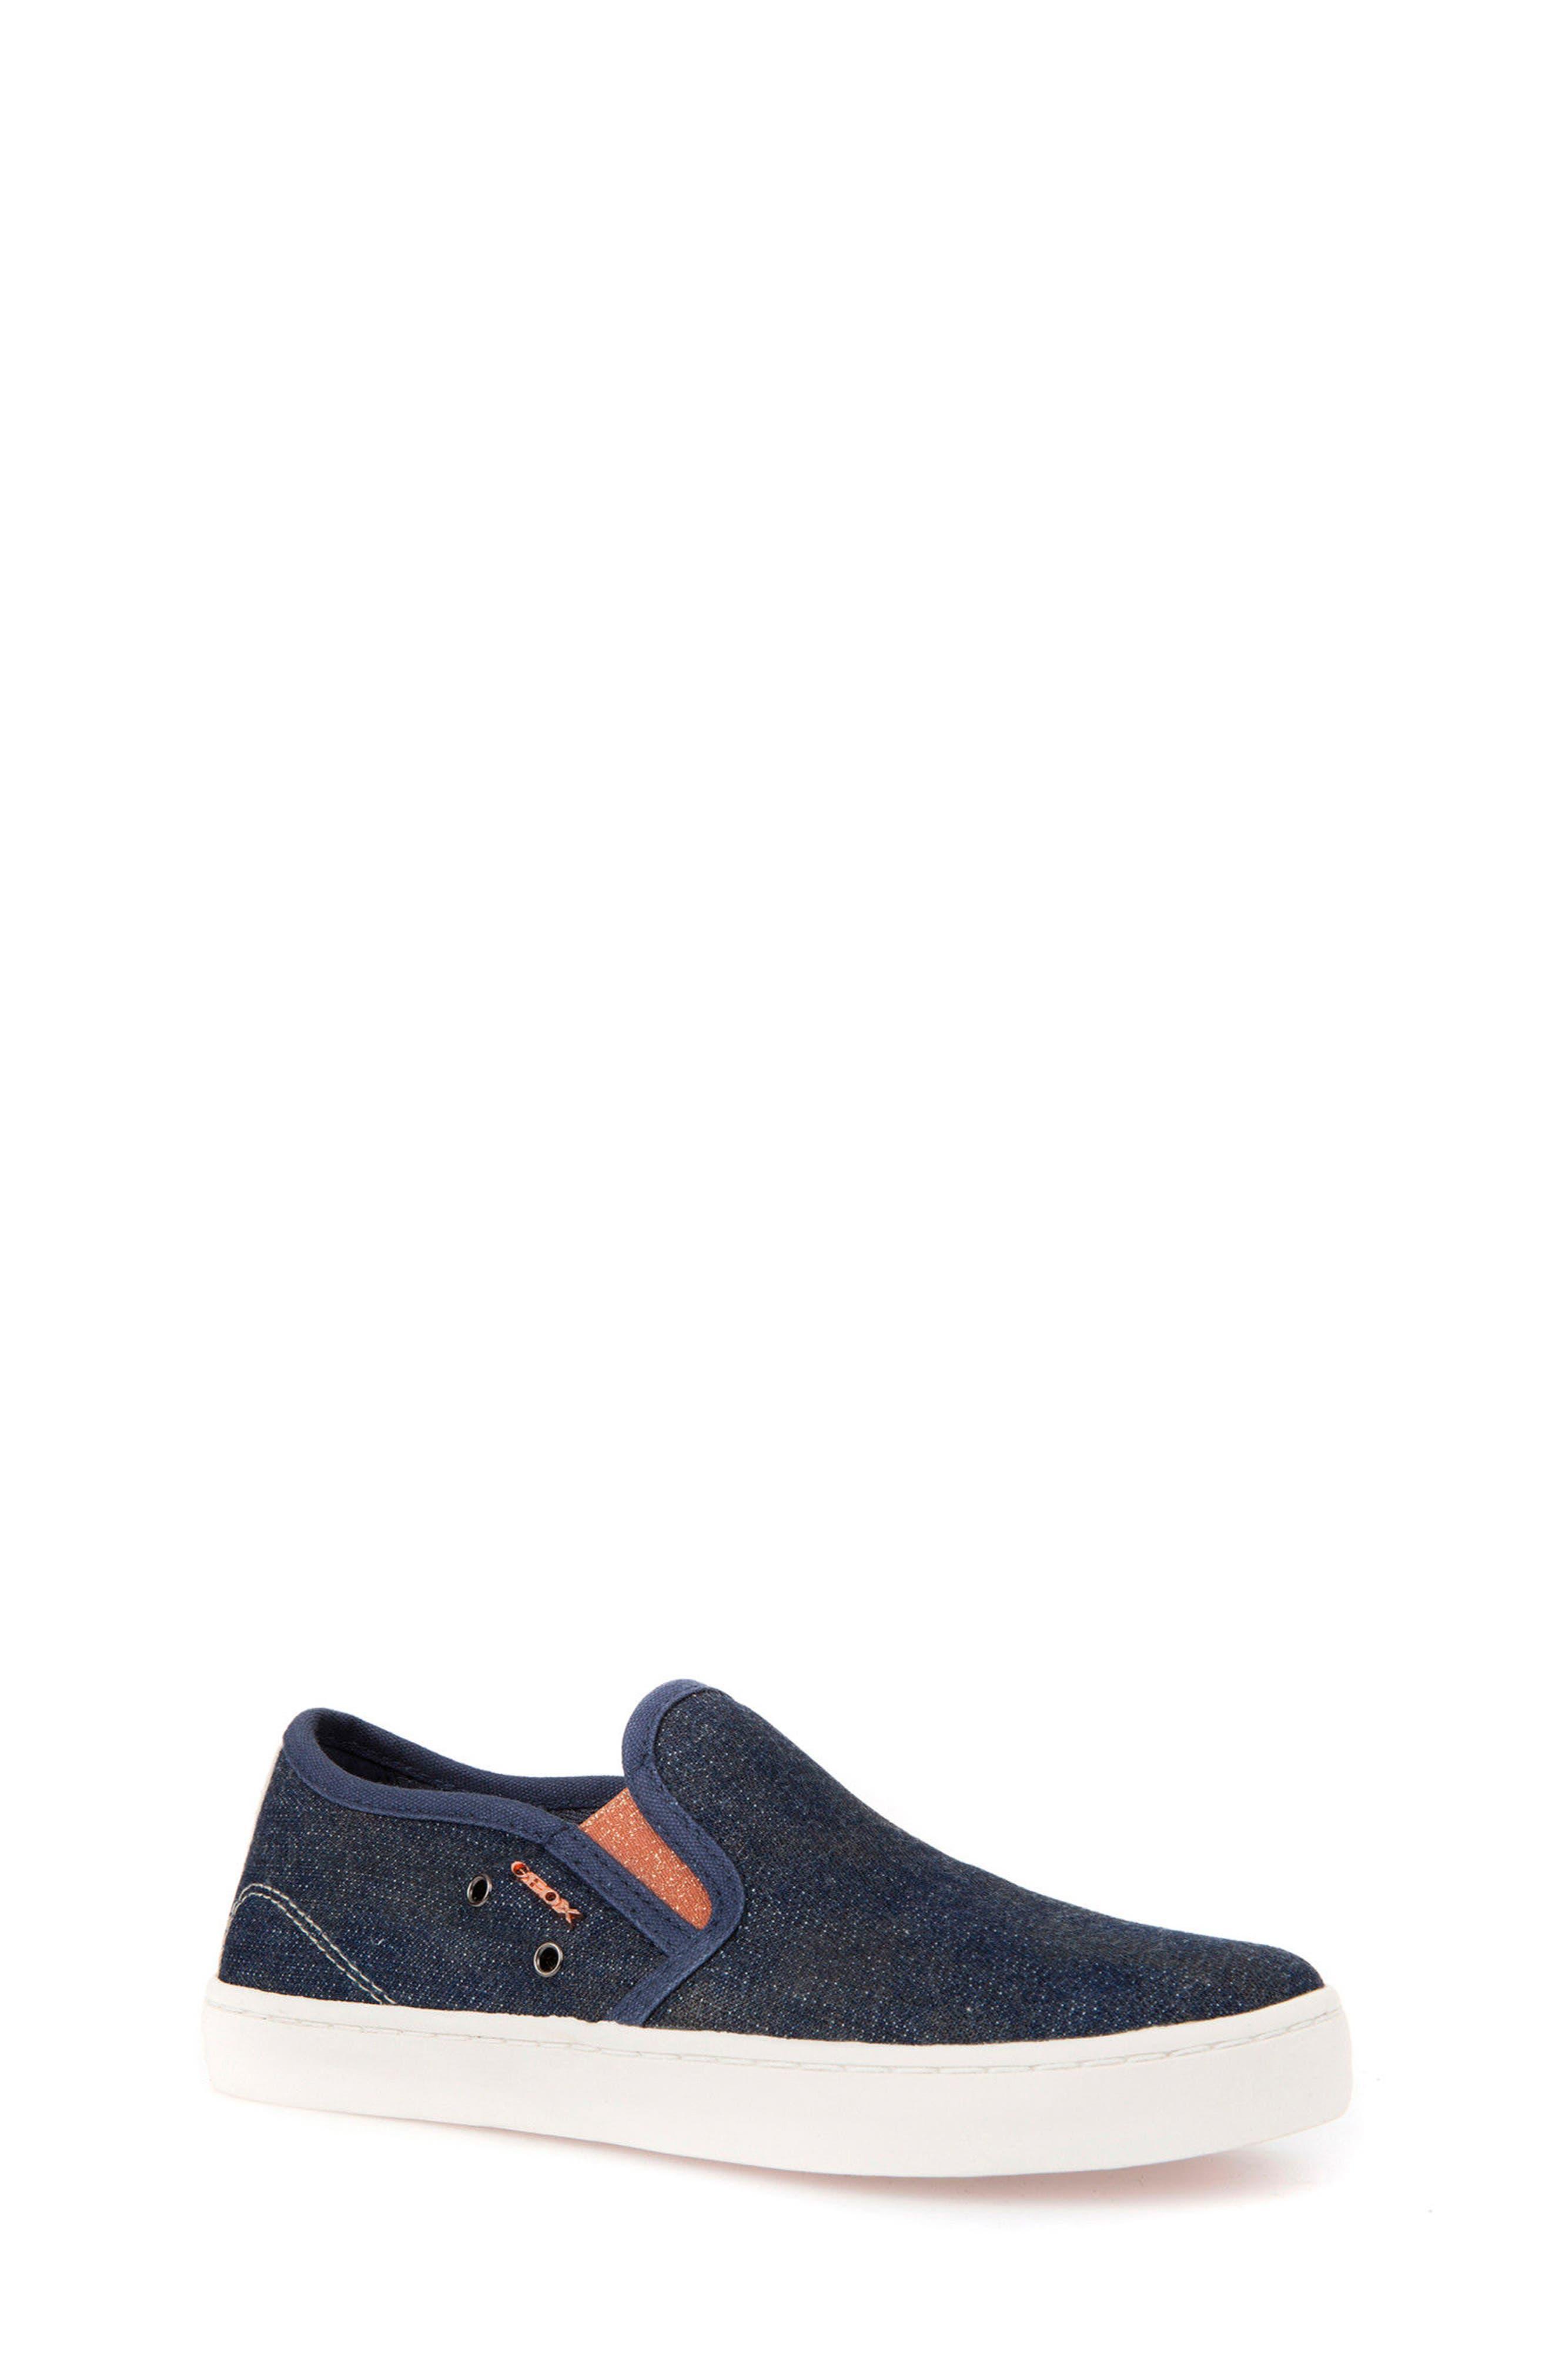 Jr Kiwi Slip-On Waterproof Sneaker,                         Main,                         color, JEANS